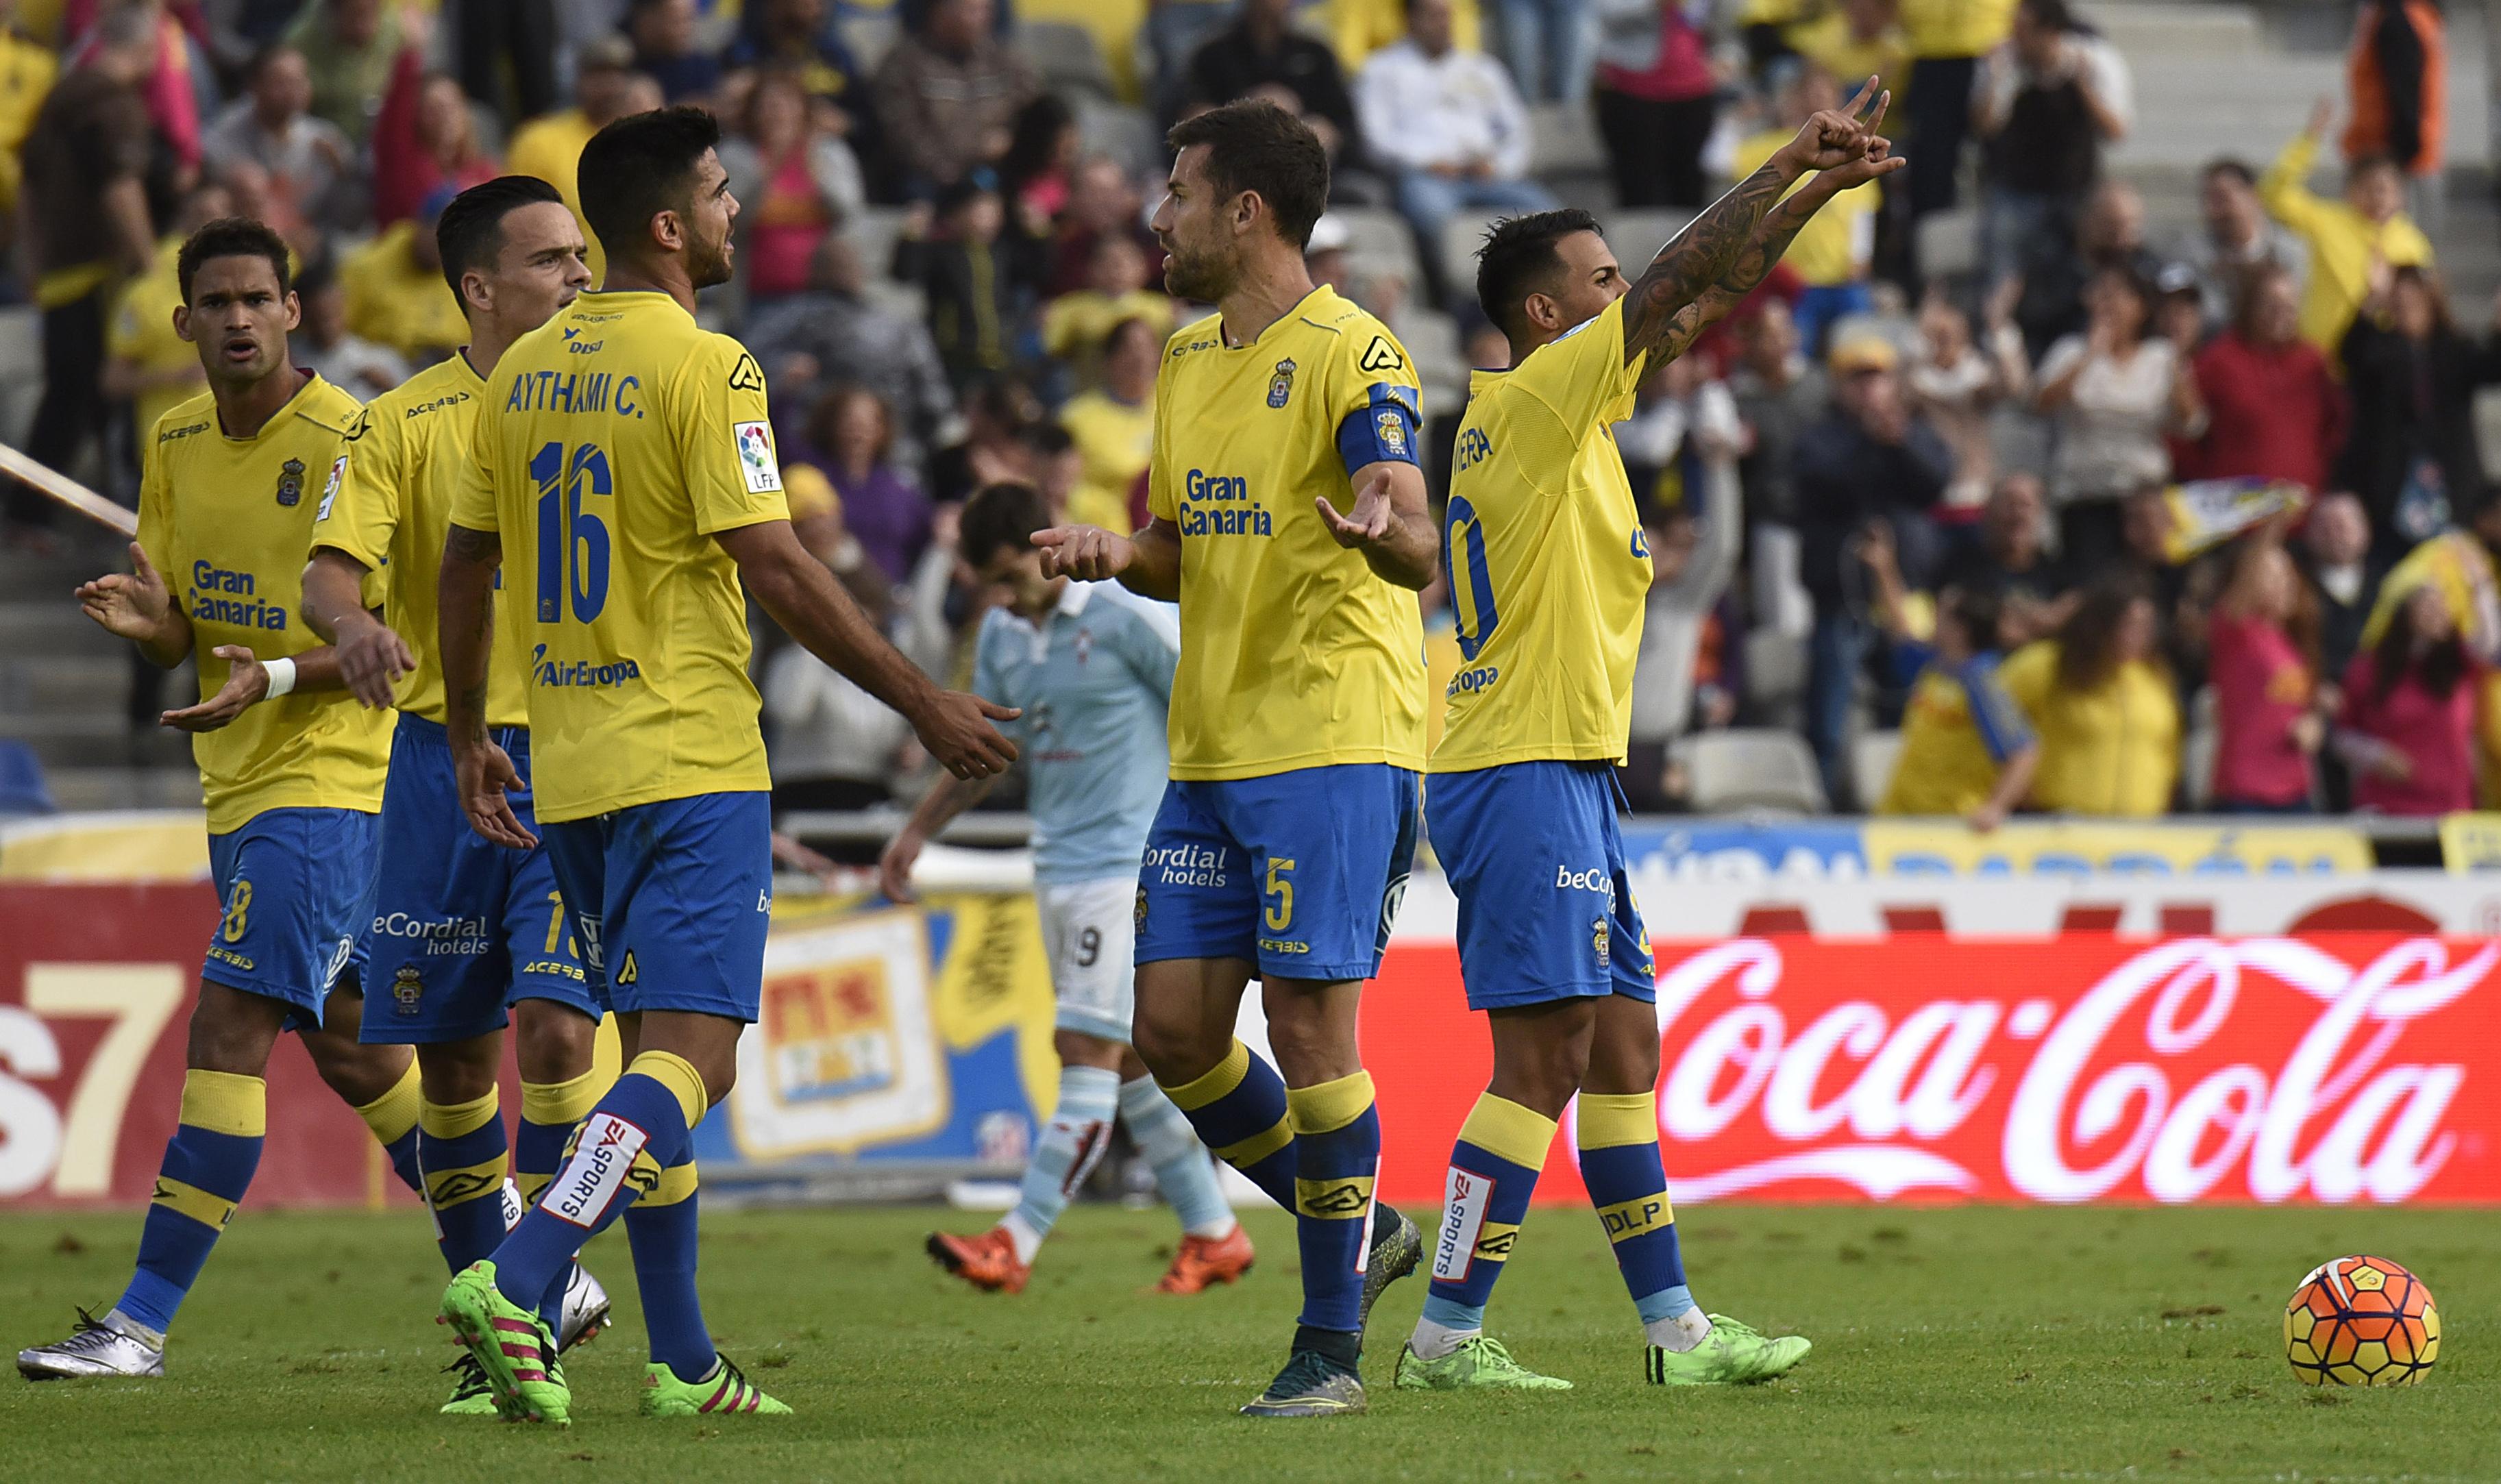 Video: Las Palmas vs Sporting Gijon